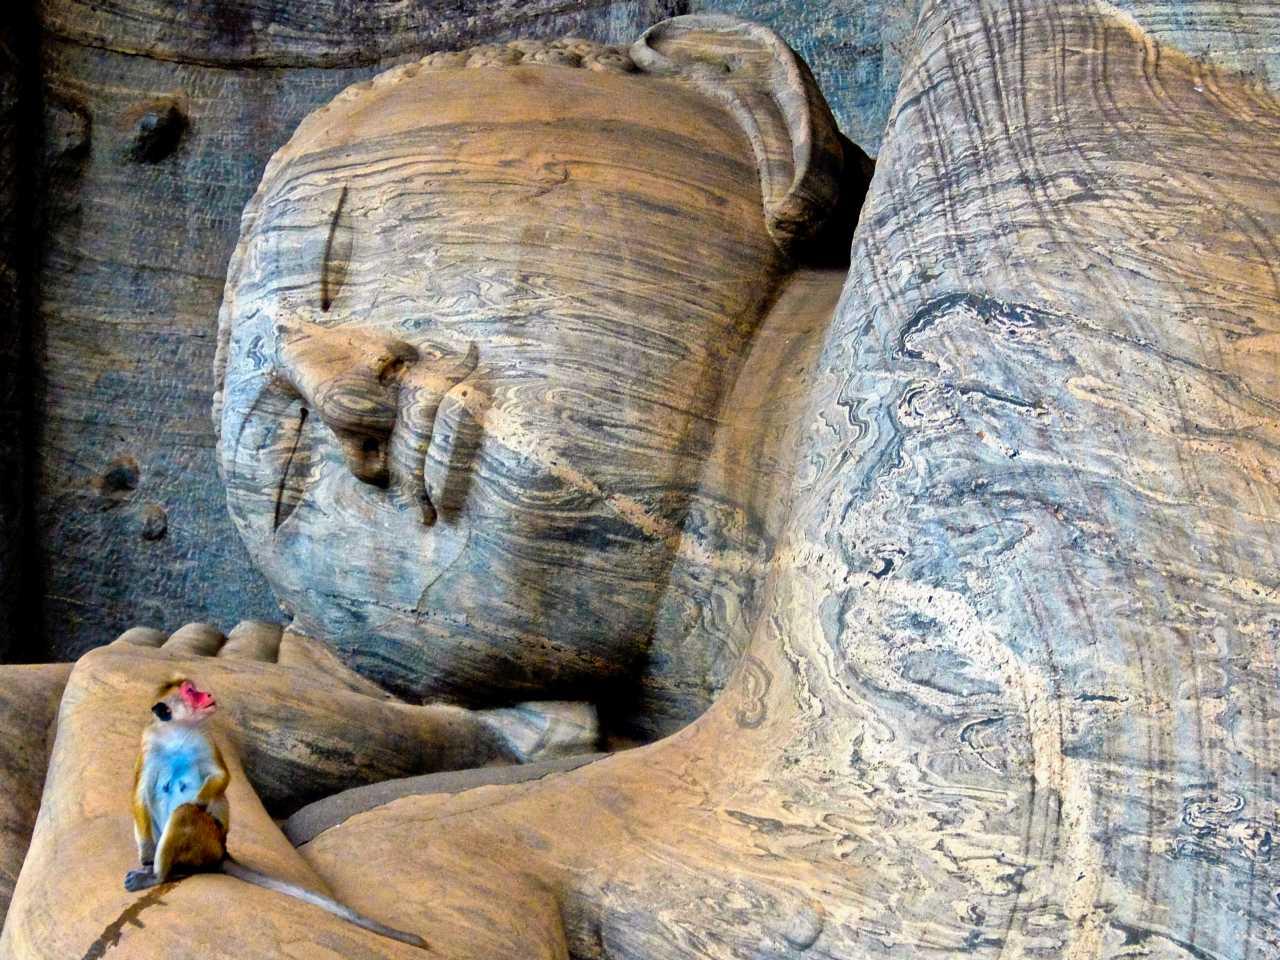 Sri Lanka road trip - Monkey and Buddha